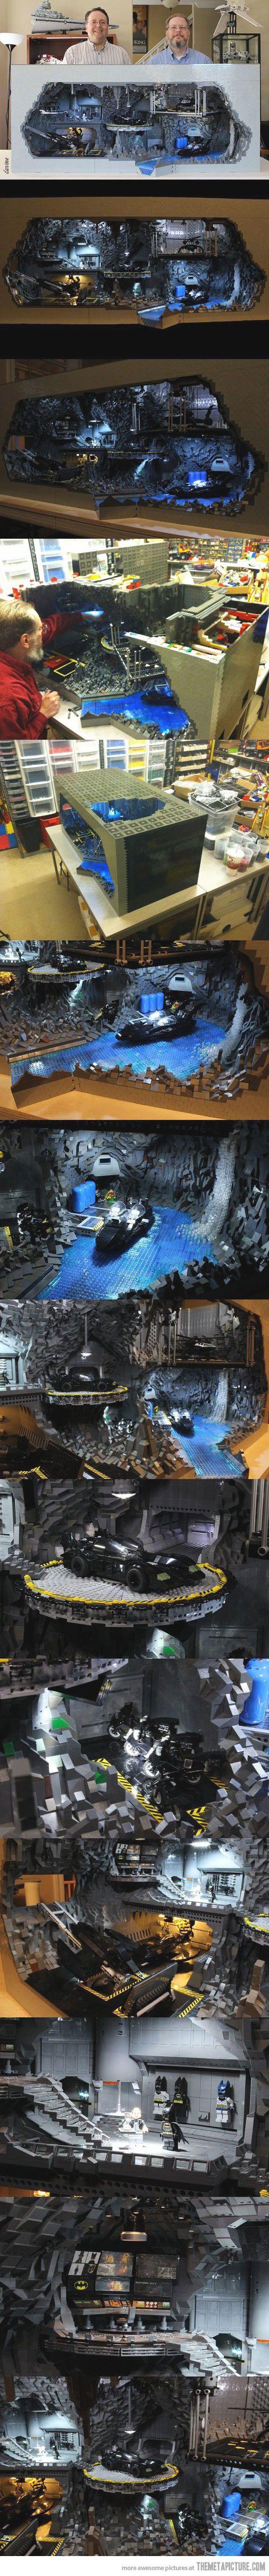 Batcueva hecha con 20,000 piezas LEGO.